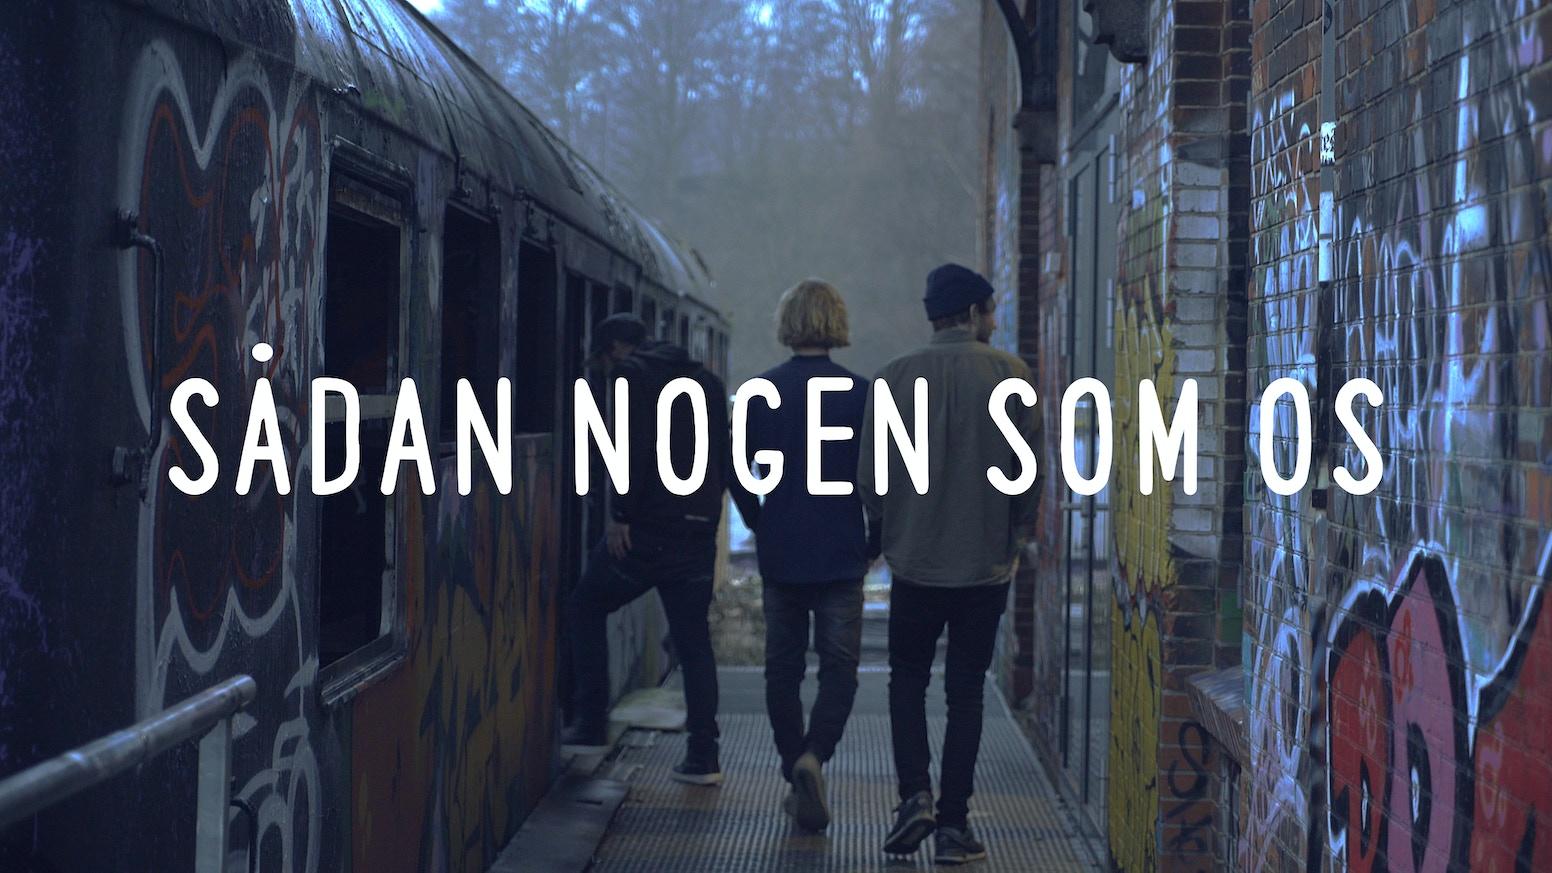 Tre drenge kører 30.000 km for, med et kamera i hånden, at undersøge ungdomskultur udenfor Danmarks grænser.